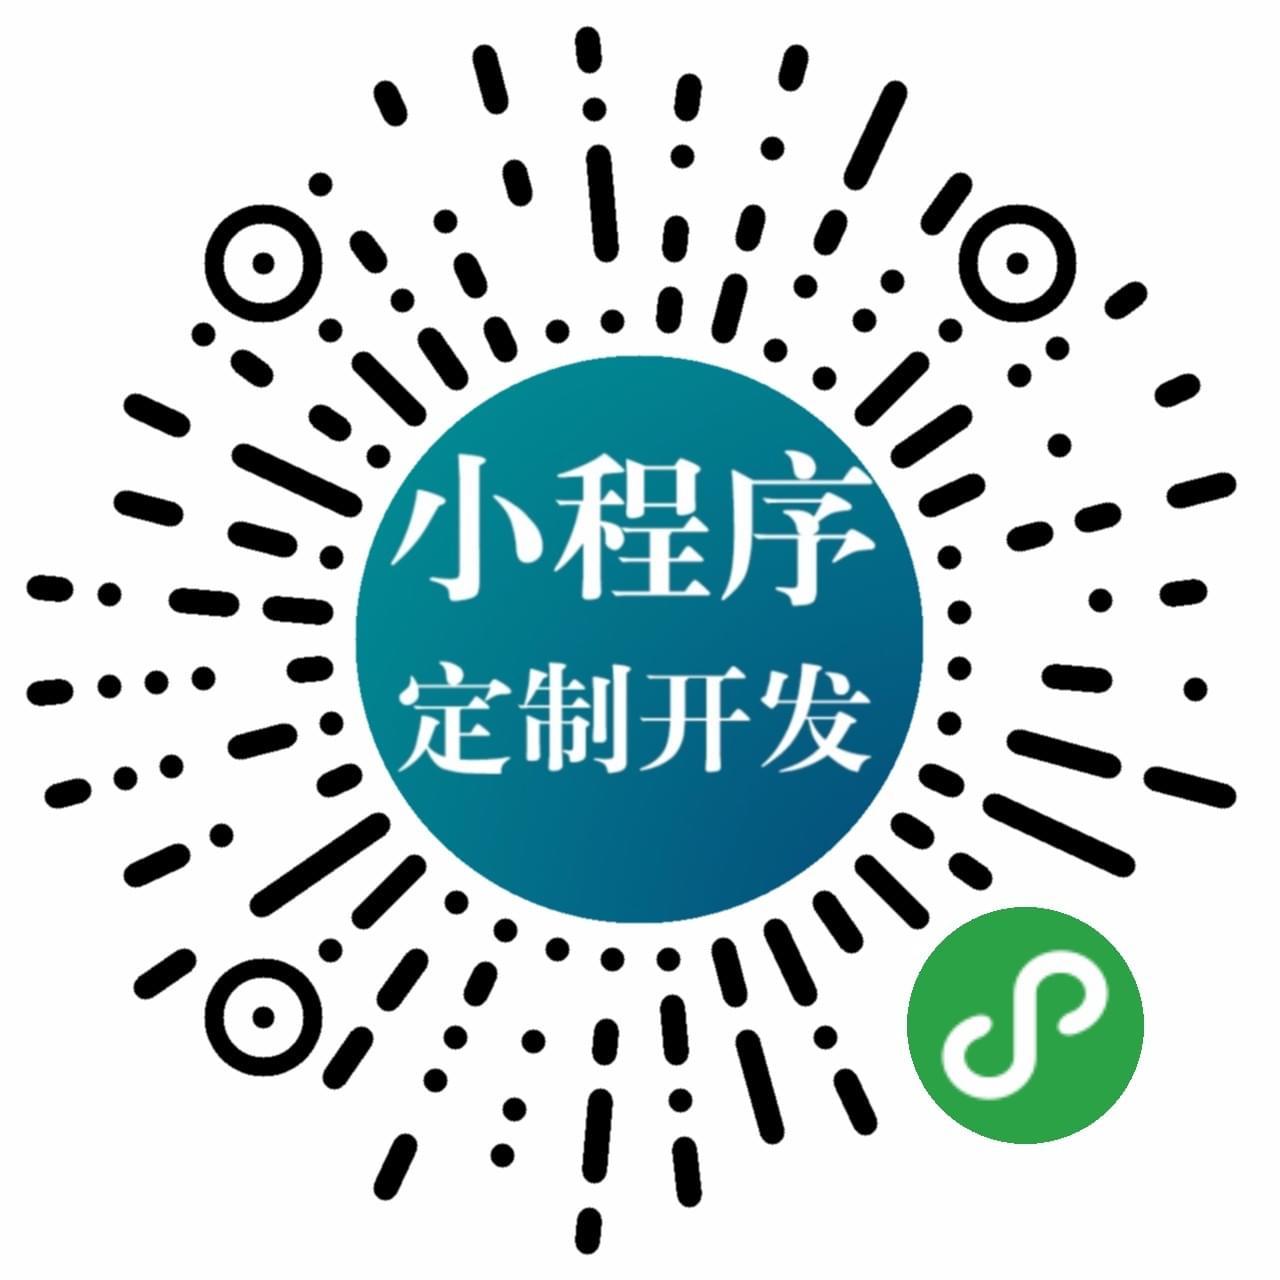 赣州罗网信息科技有限公司二维码